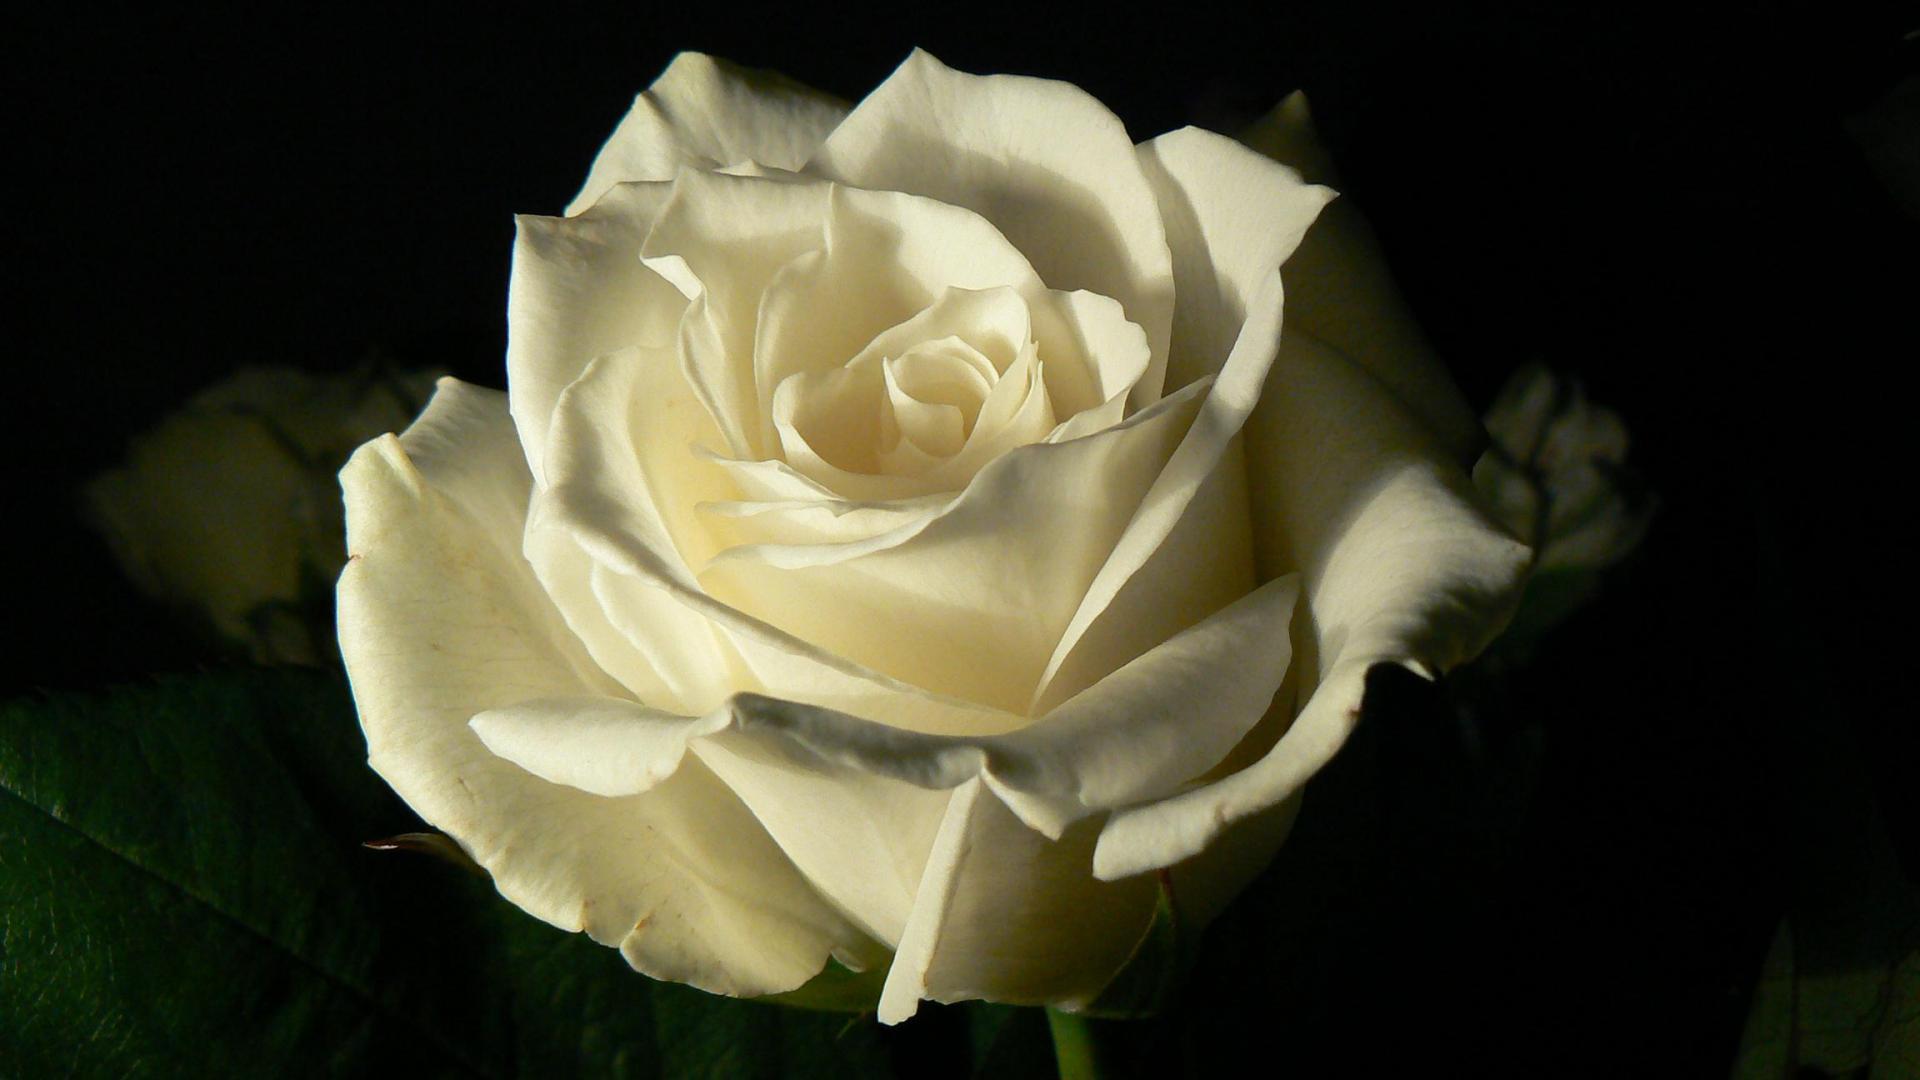 белые розы на черном фоне обои на рабочий стол № 133745  скачать